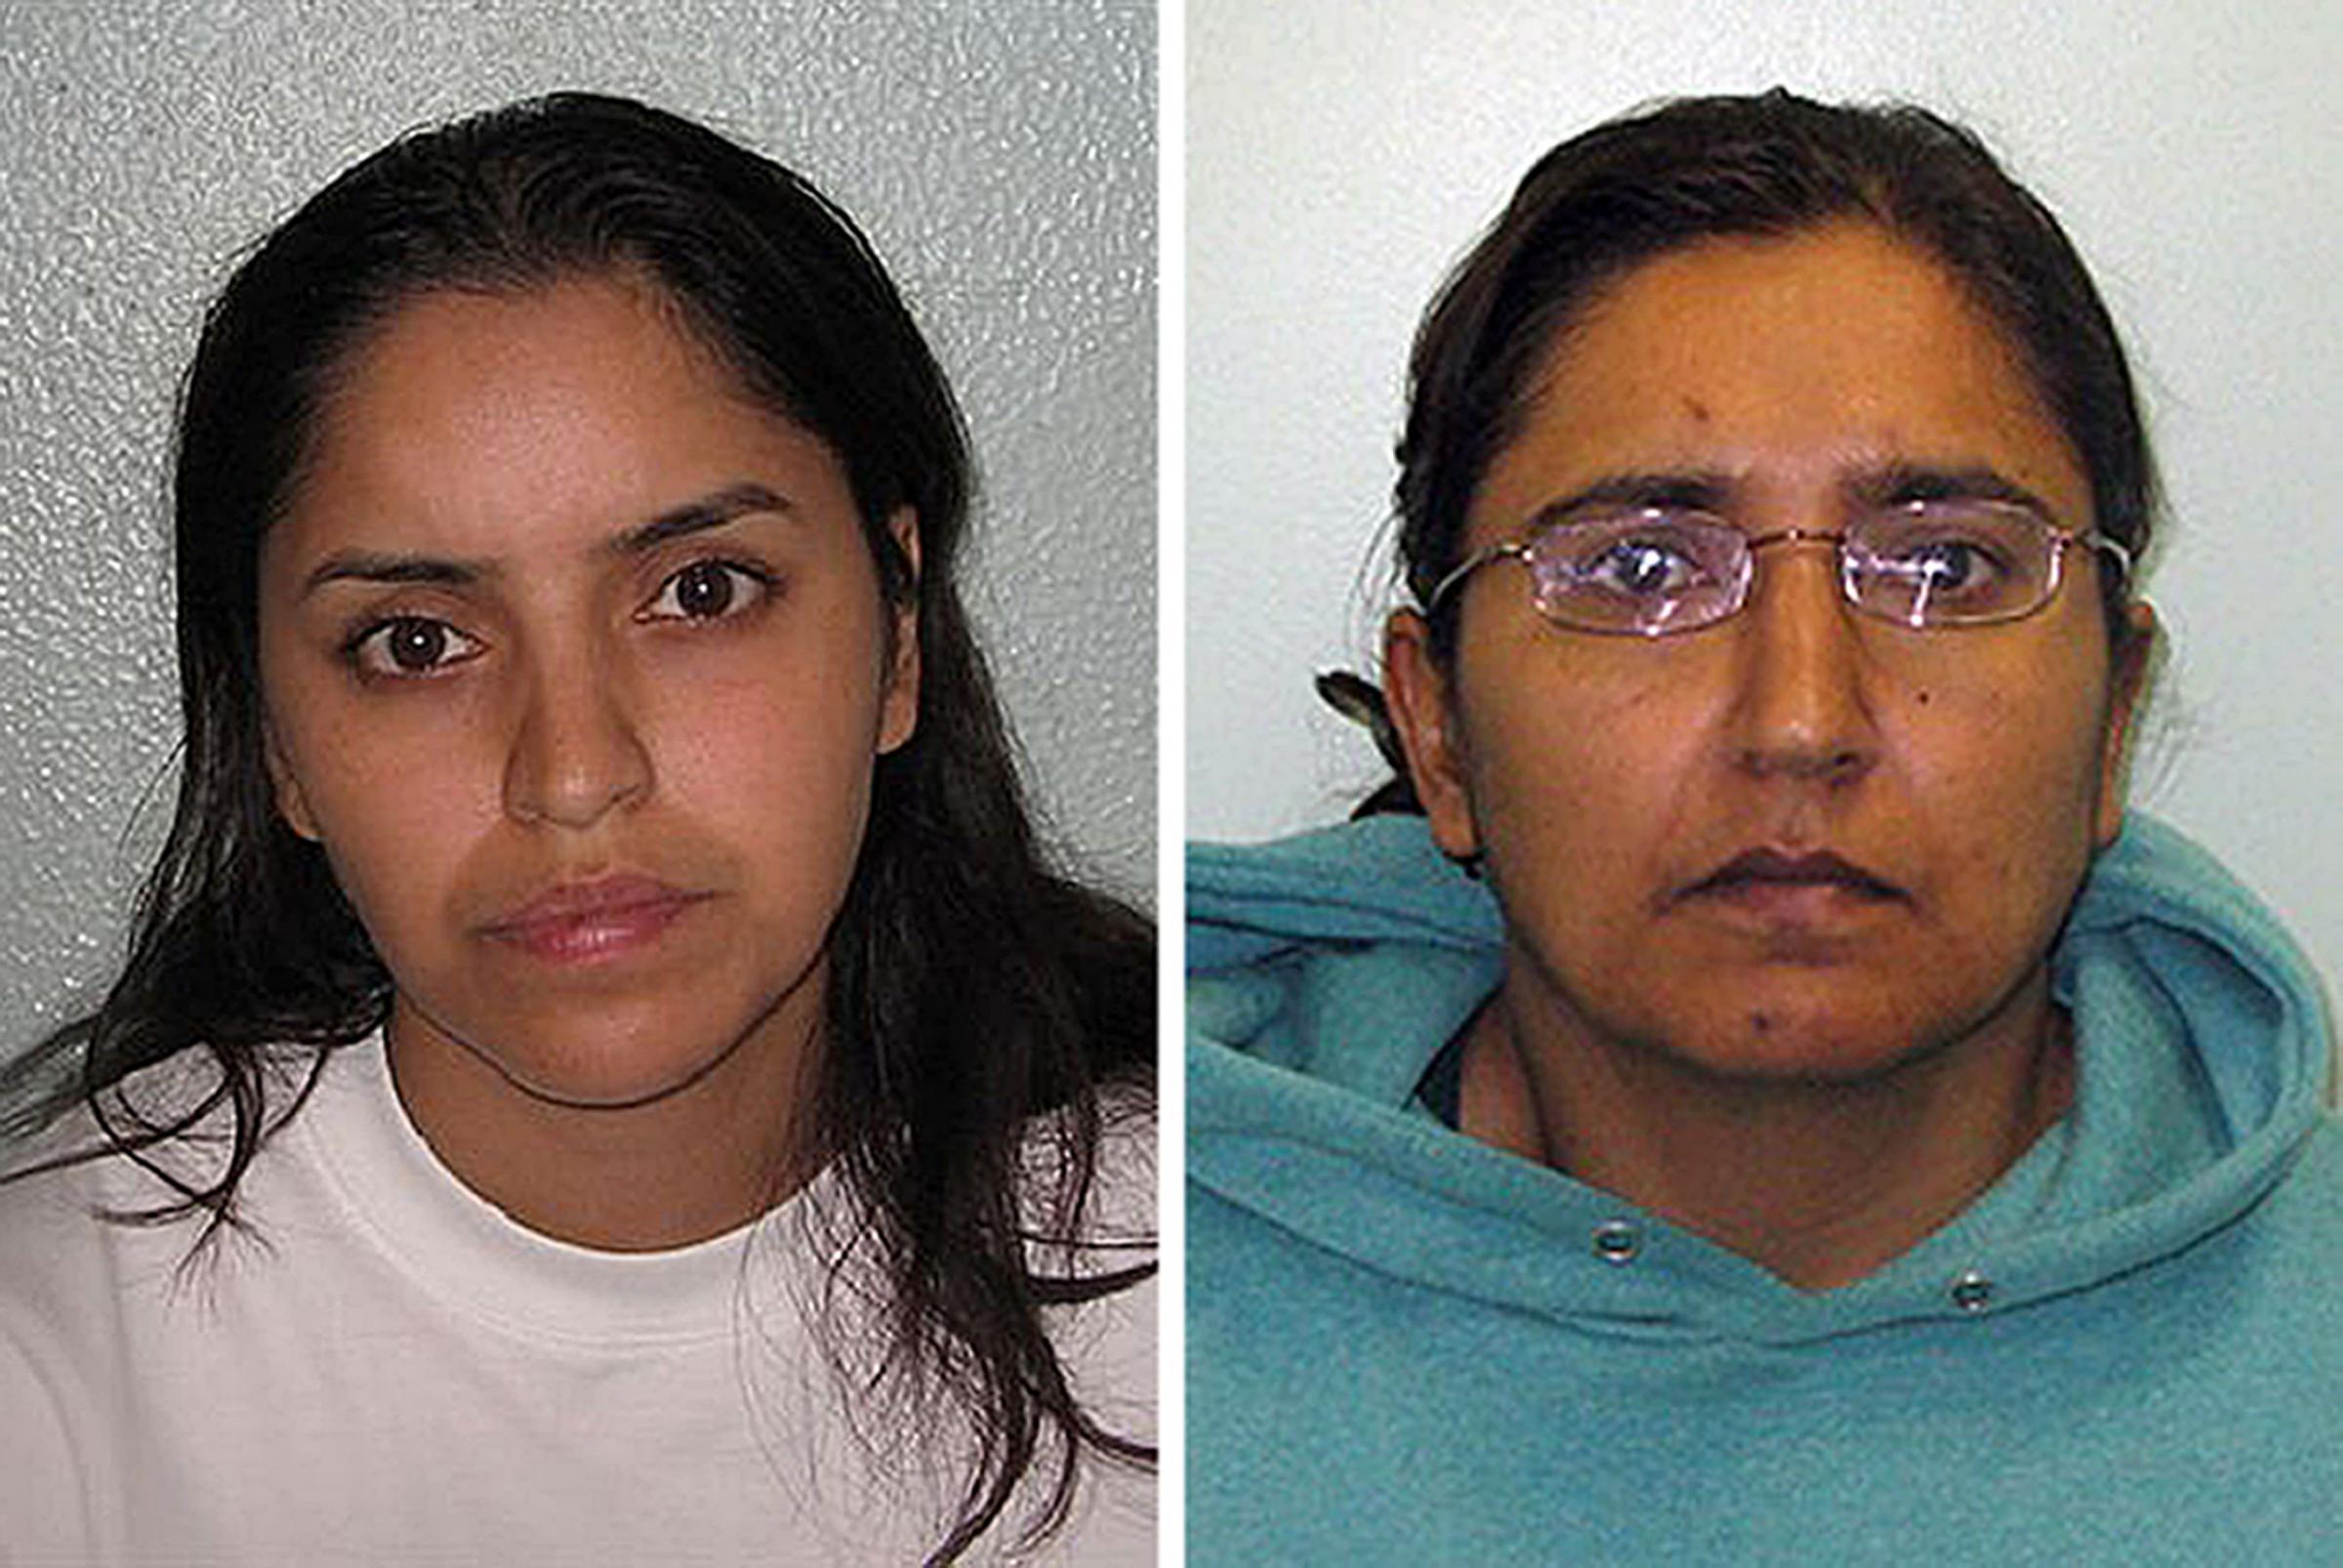 Uccisero la figlia indemoniata, due donne condannate a 13 e 18 anni | Fanpage - condannate-omicidio-Ayesha-Ali